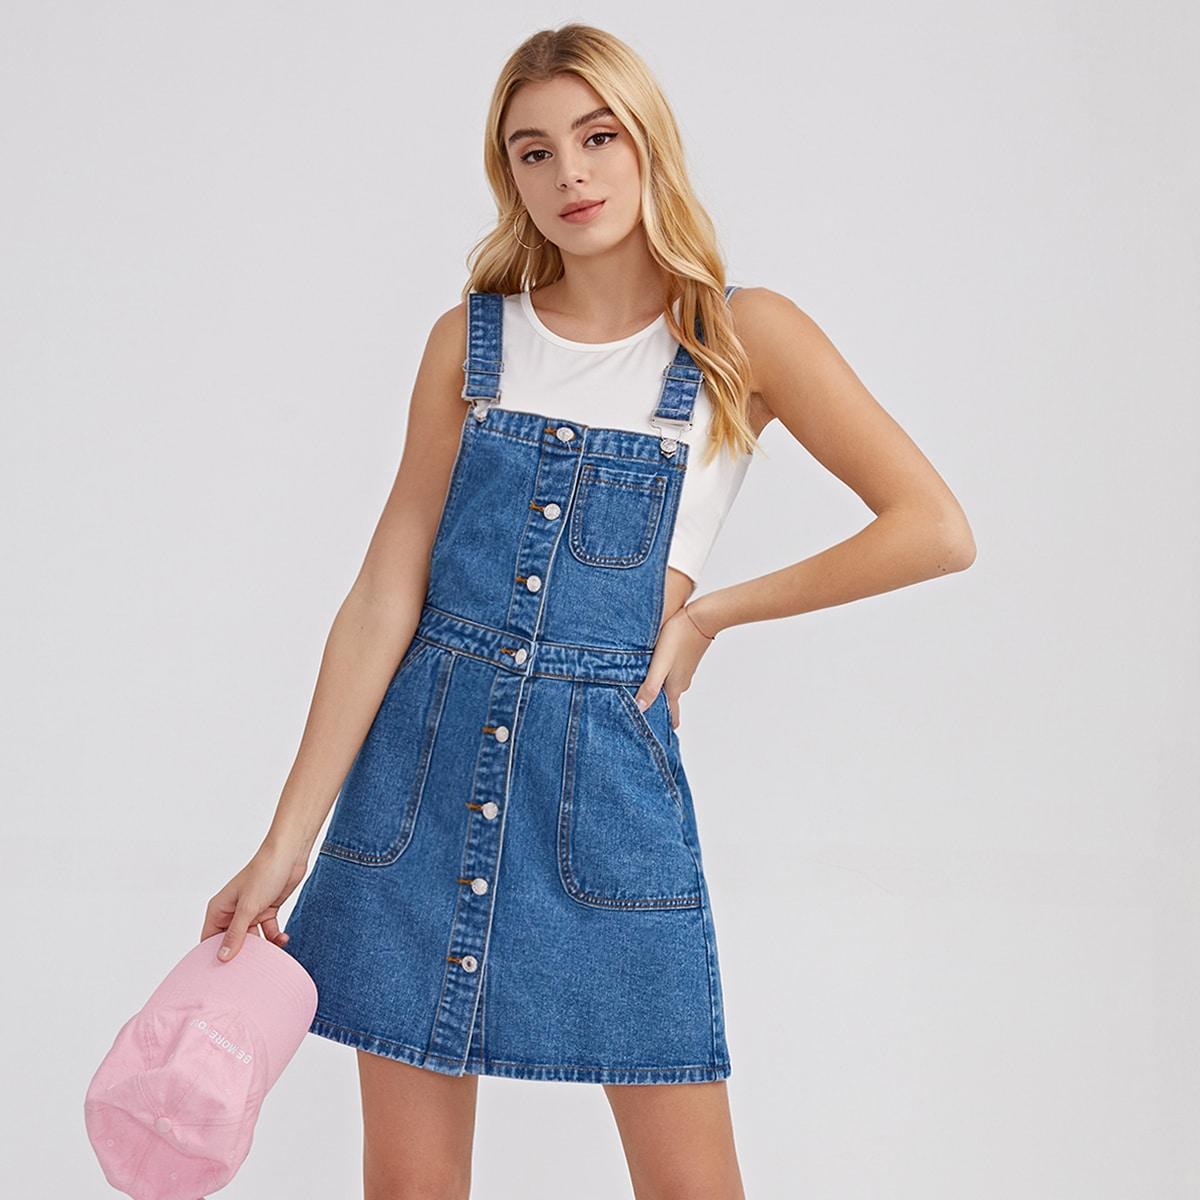 Джинсовое платье-сарафан с пуговицами и карманом